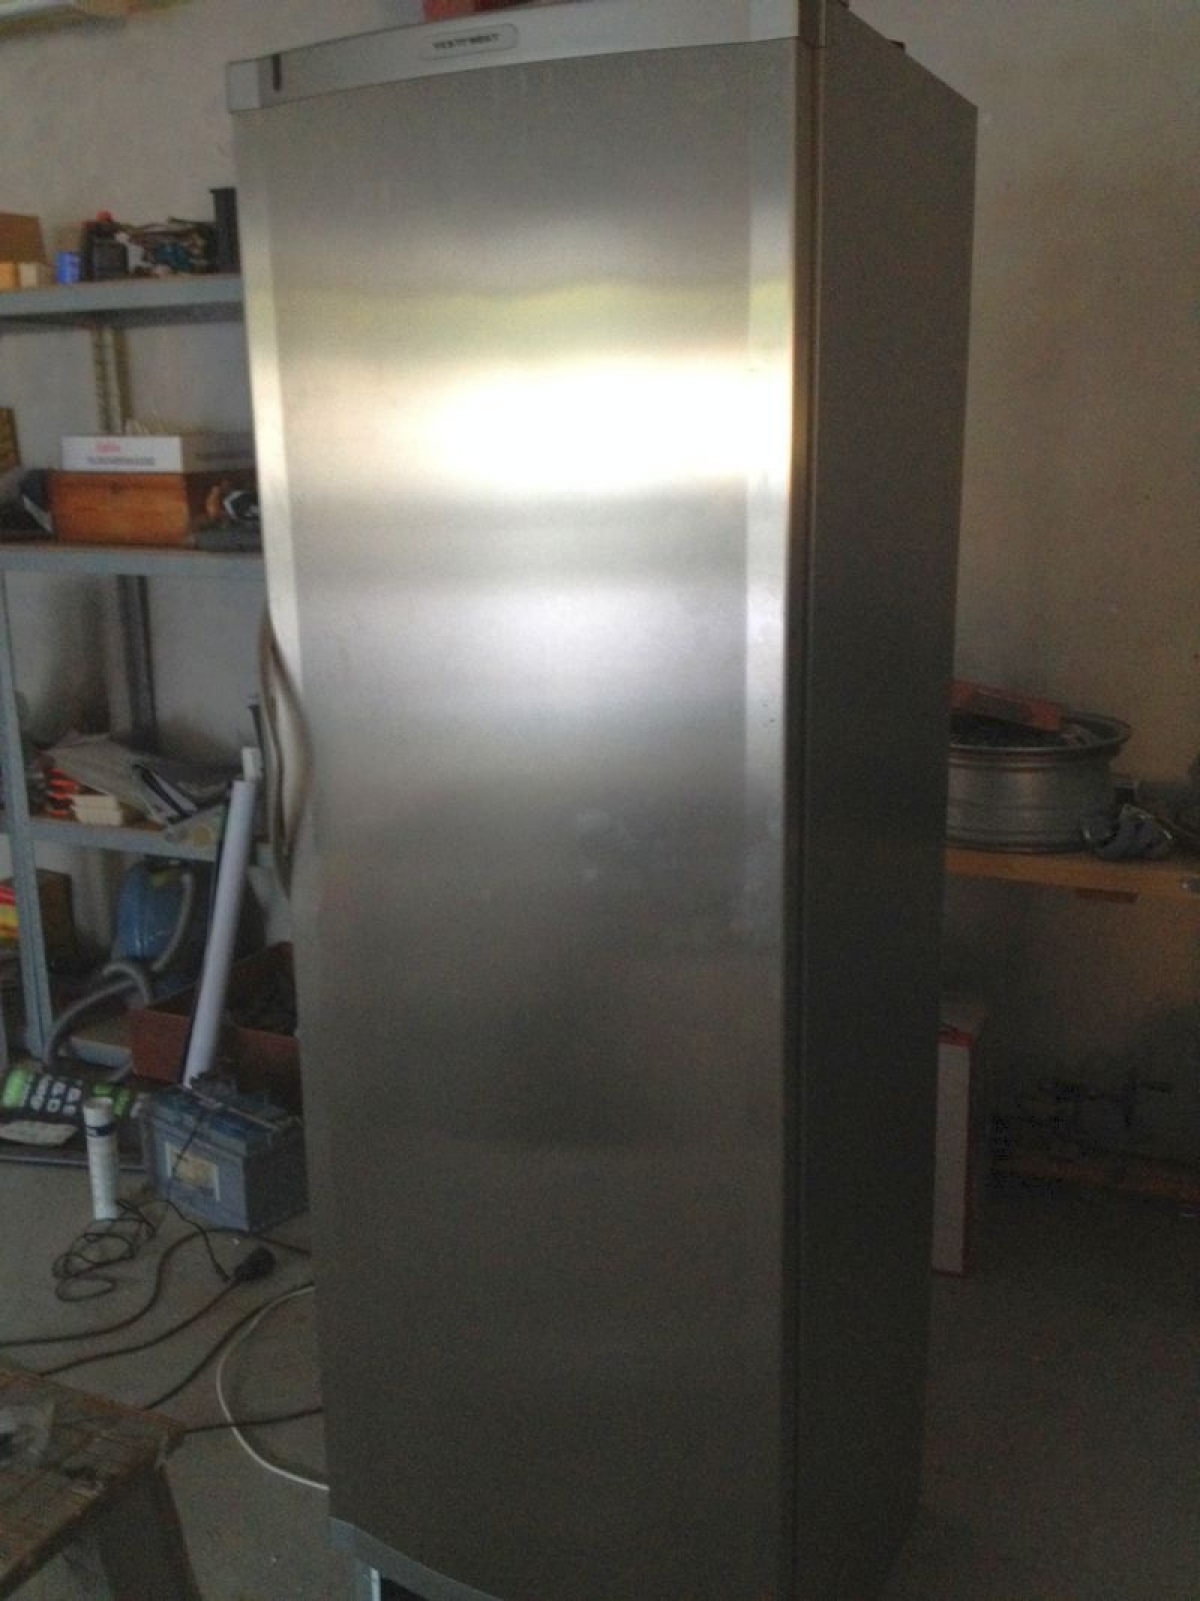 Kühlschrank, Vestfrost Aluminium. Sehen Sie alle Details zum Google ...